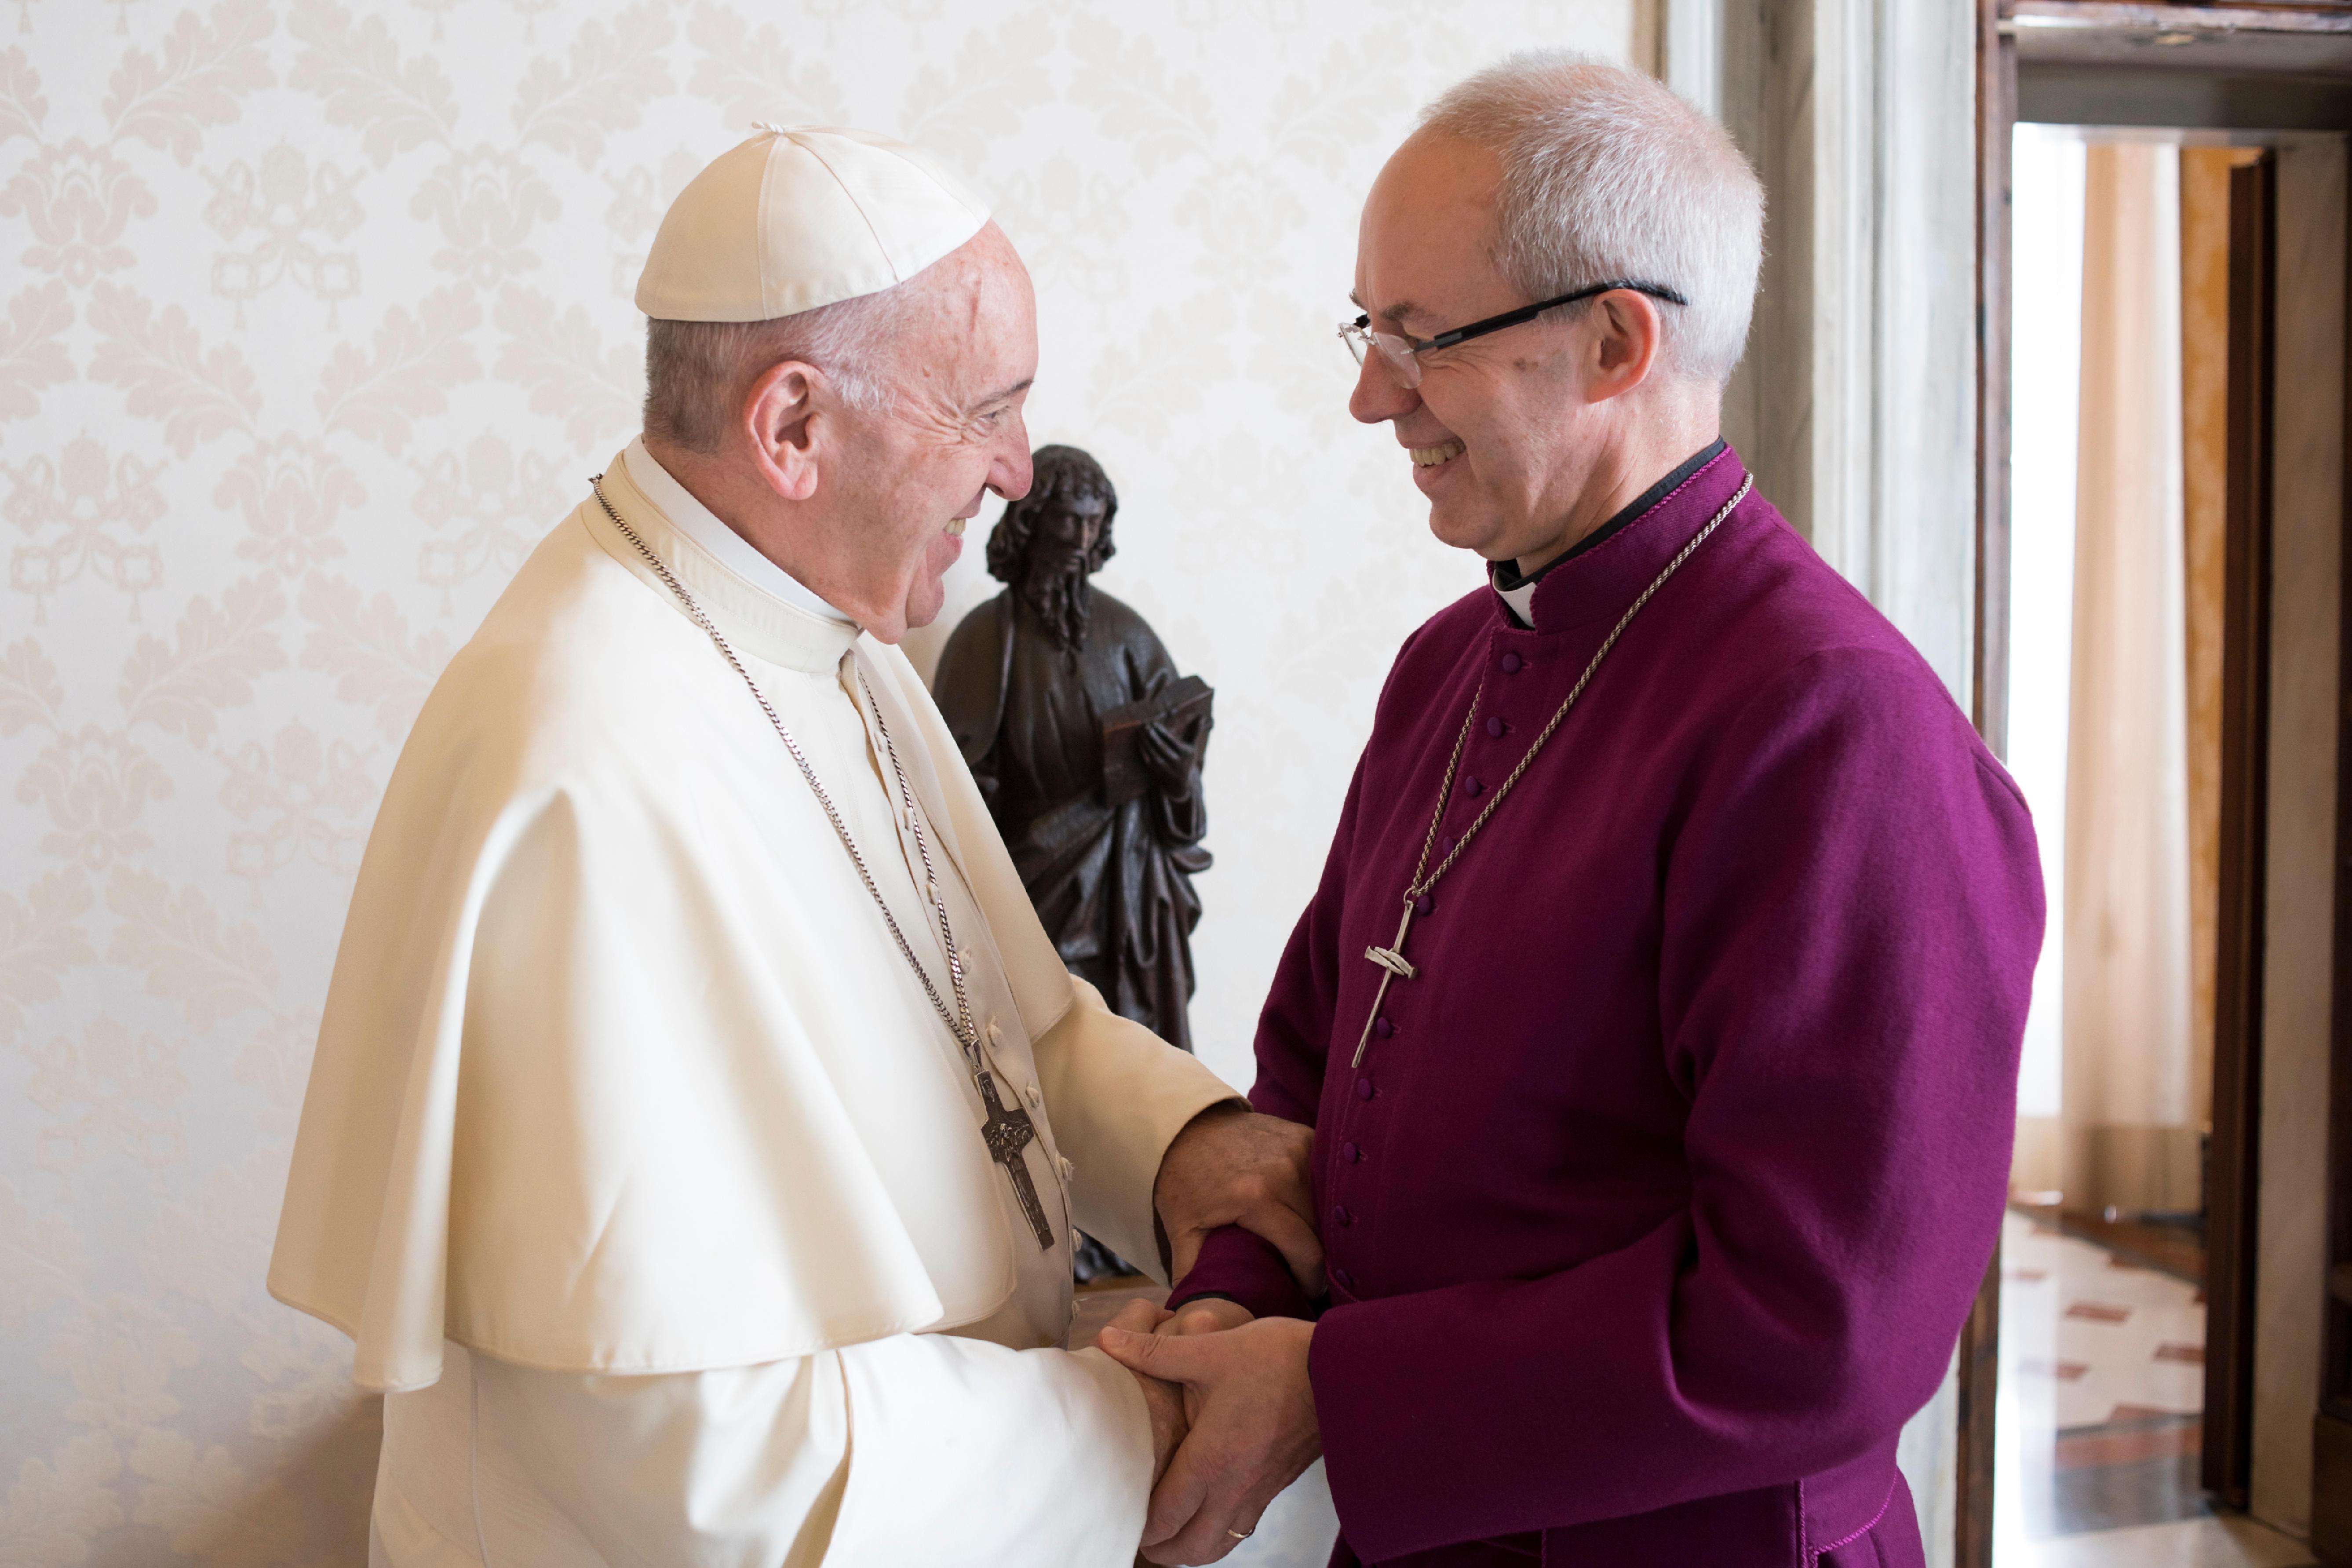 Visite de l'archevêque Welby 27/10/2017 © L'Osservatore Romano